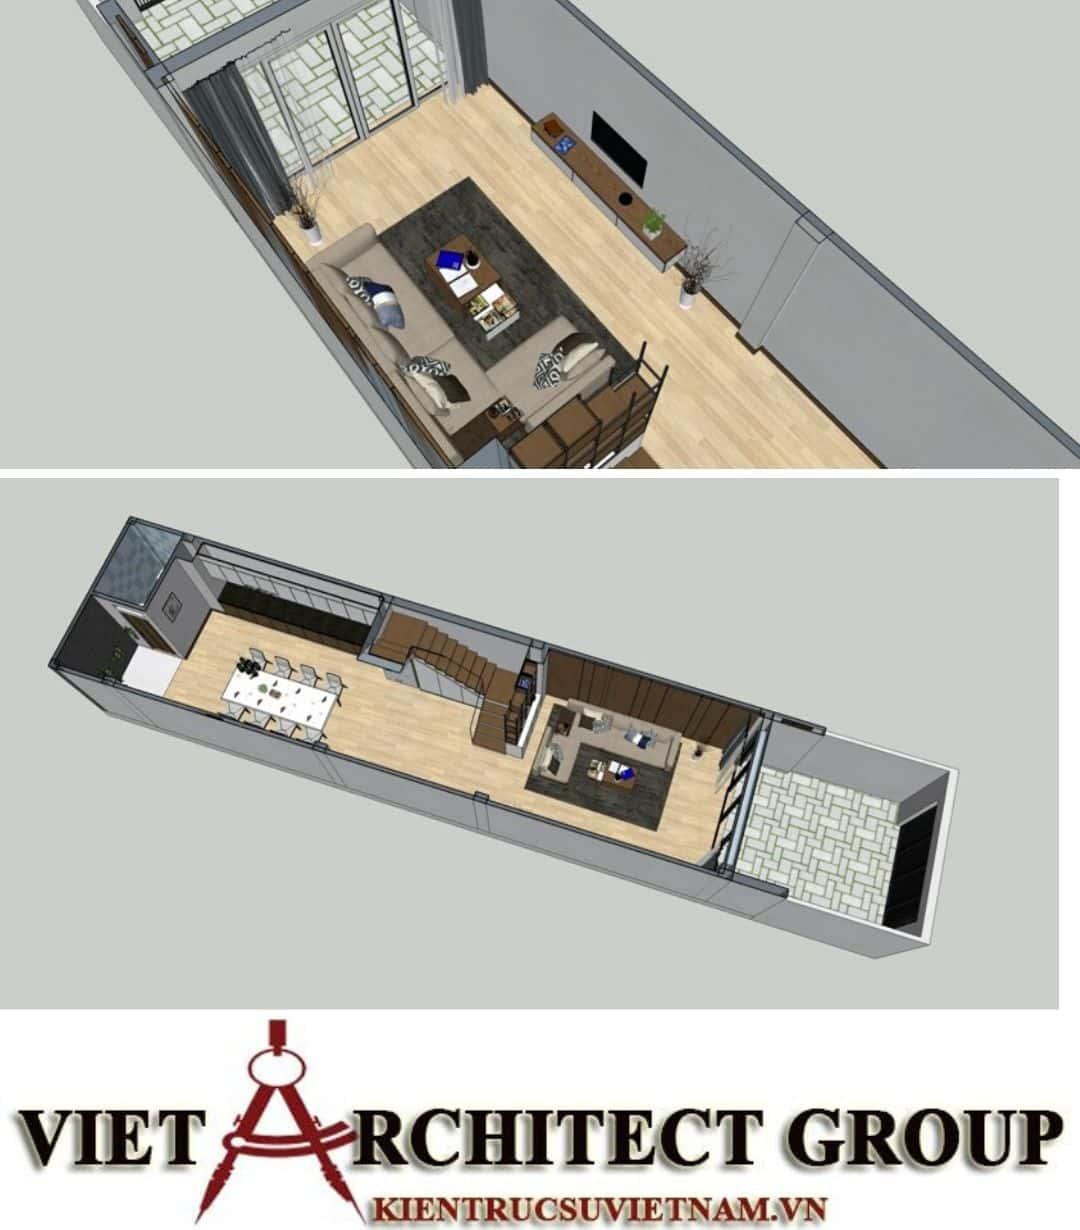 2 60 - Công trình nhà ở 4 tầng mặt tiền 4.5m anh Tuấn - TPHCM